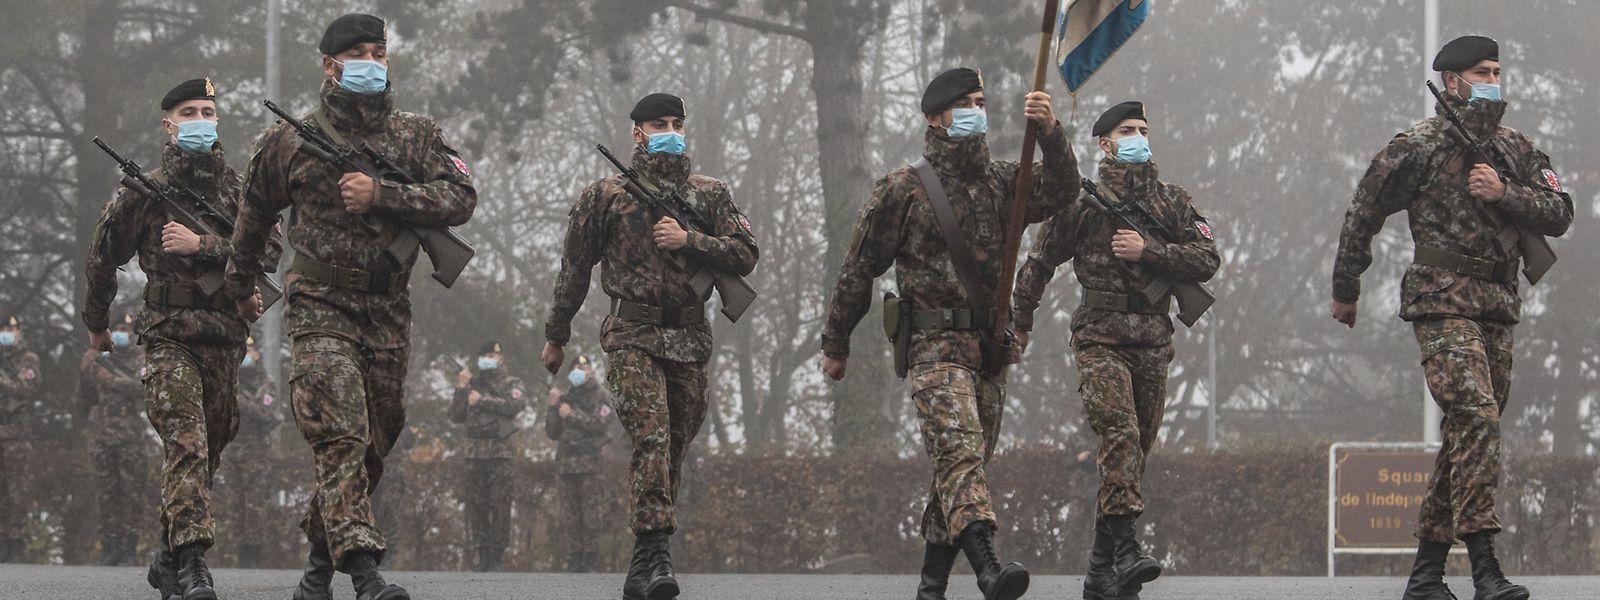 L'armée nationale va voir ses rangs se garnir.